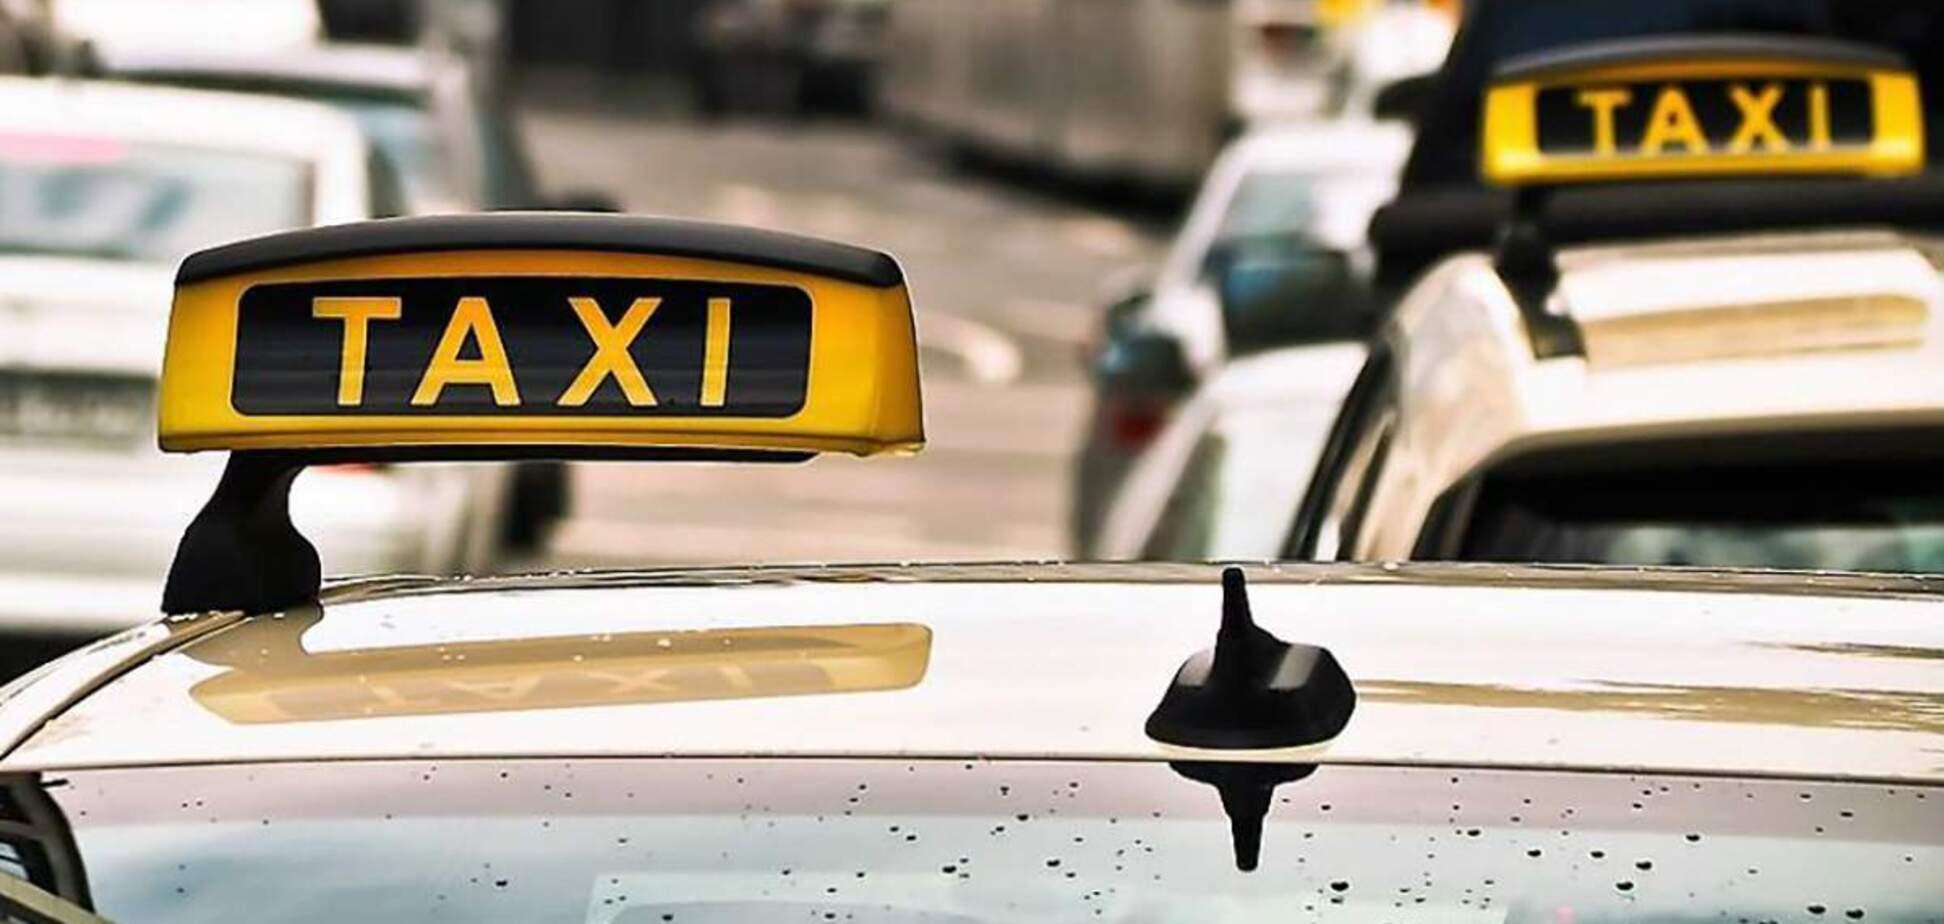 Таксиста в Киеве обвинили в нападении на клиентку из-за замечания. Видео